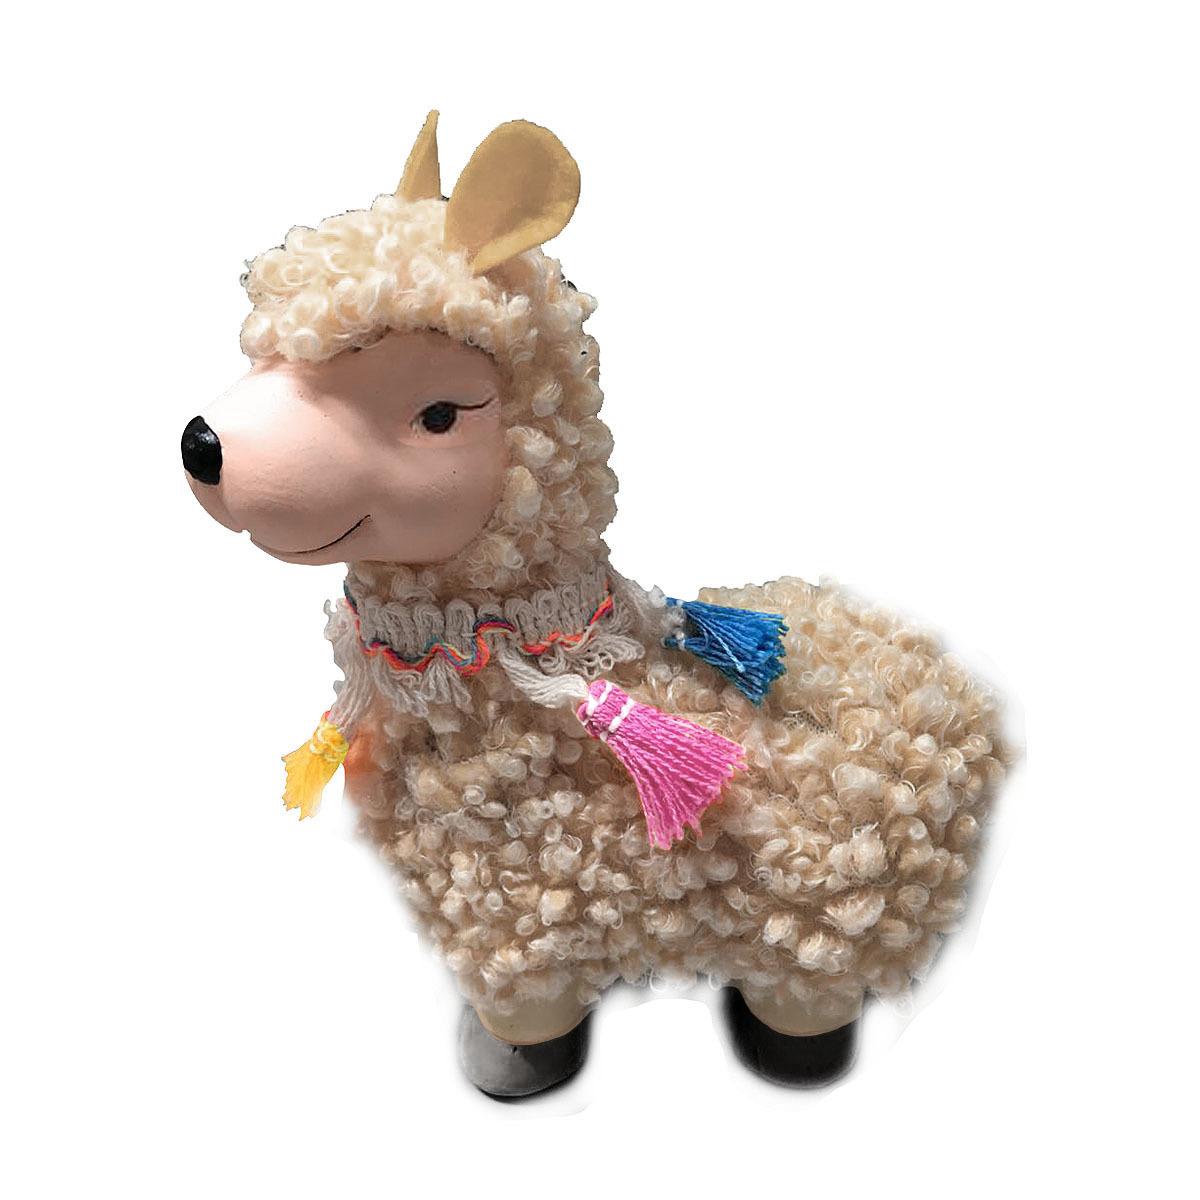 Фигурка декоративная Village People Мечтательная овечка, кремовый, 15 х 12 х 6 см подушка декоративная 42х42 см коричневая